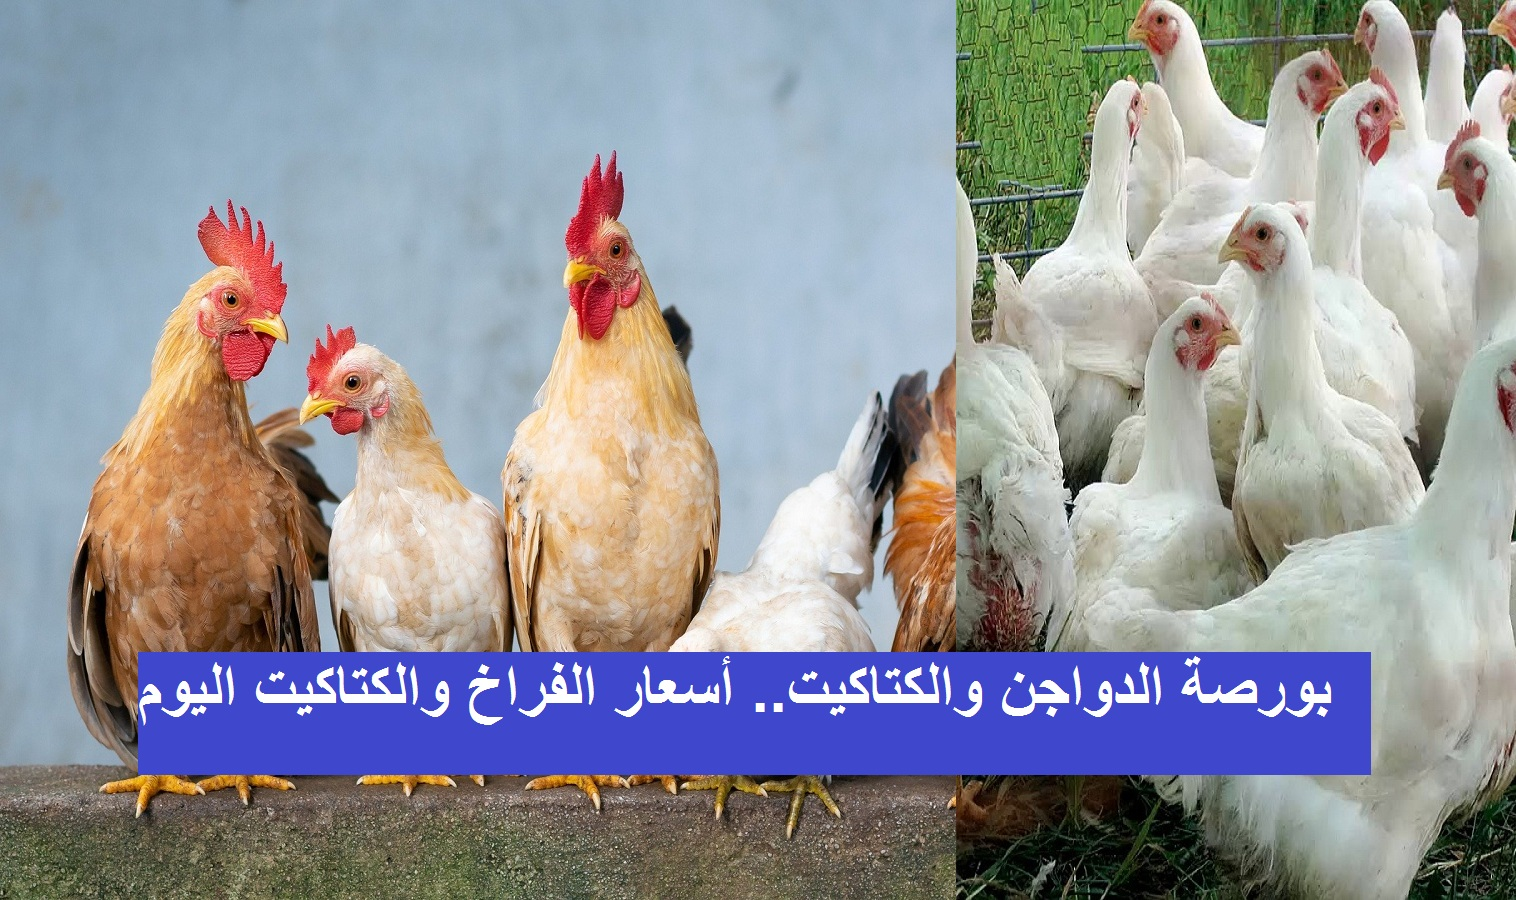 بورصة الدواجن والكتاكيت.. سعر الفراخ اليوم الثلاثاء 2 مارس 2021